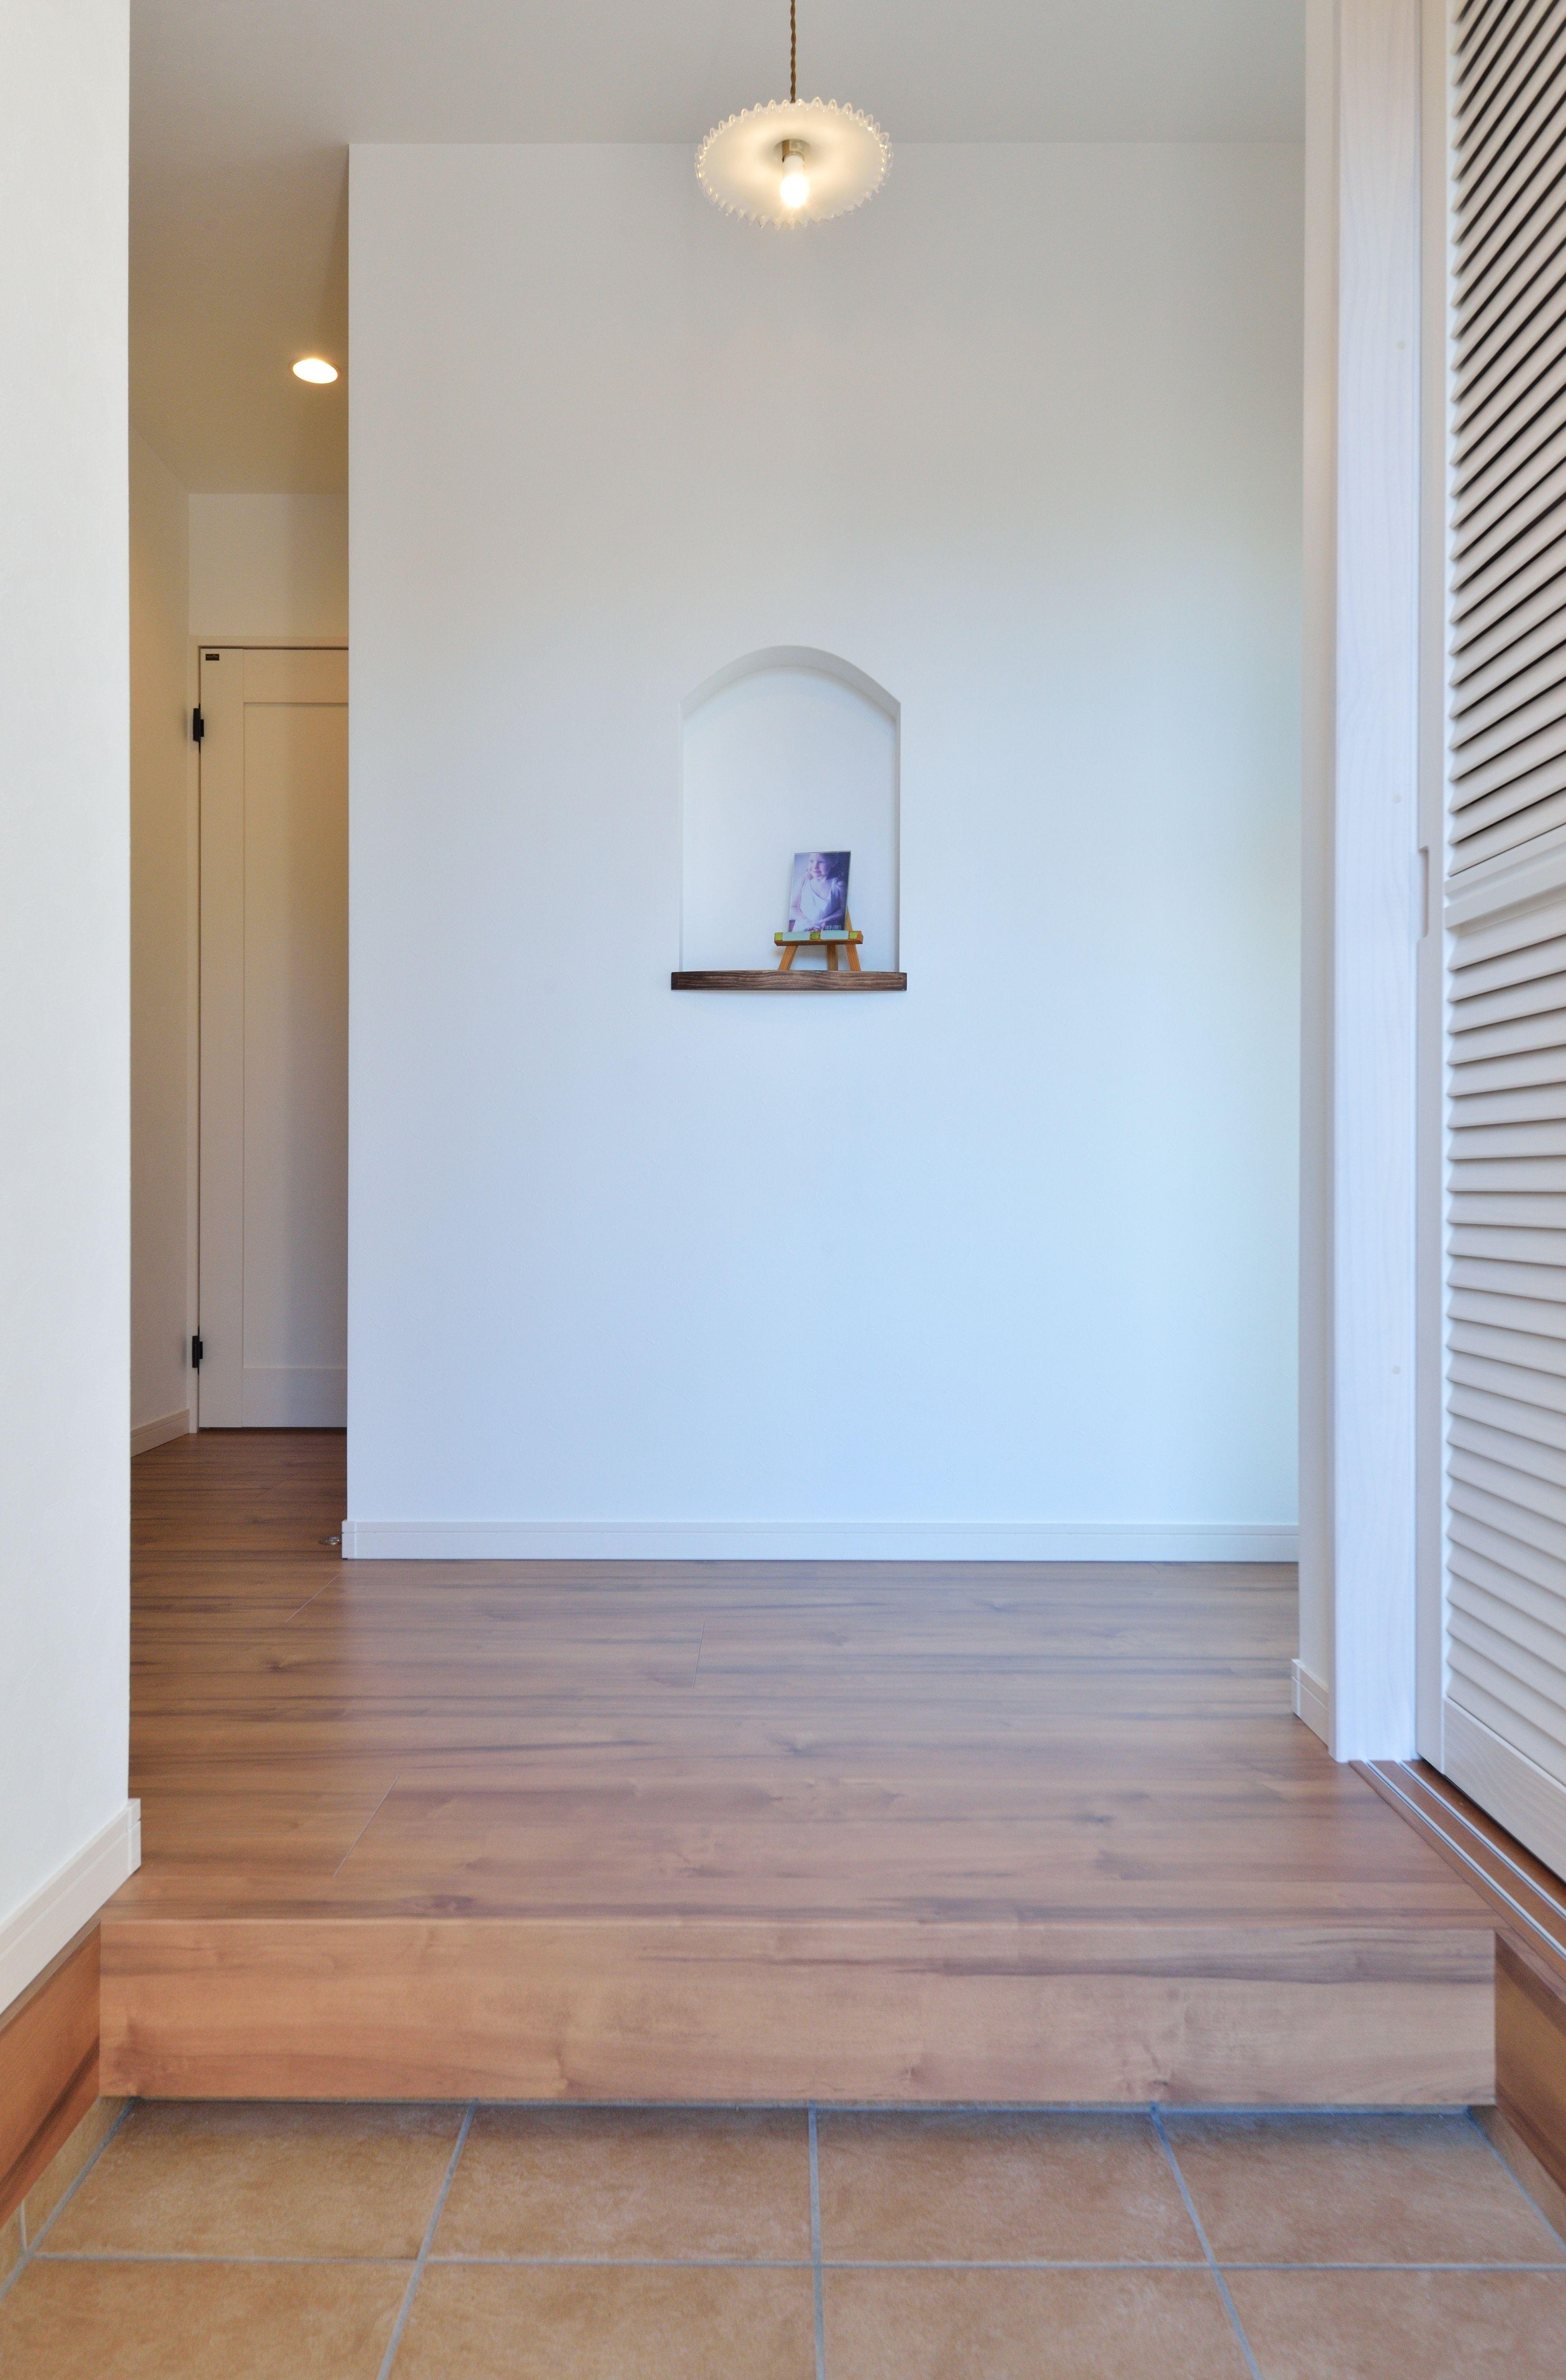 自然素材の素朴な風合いが おうちカフェのような家 洗面室 おしゃれ カフェ 造作 マイホーム 玄関 ニッチ プロヴァンス風 暮らし 家 玄関ホール 壁紙 インテリア 家具